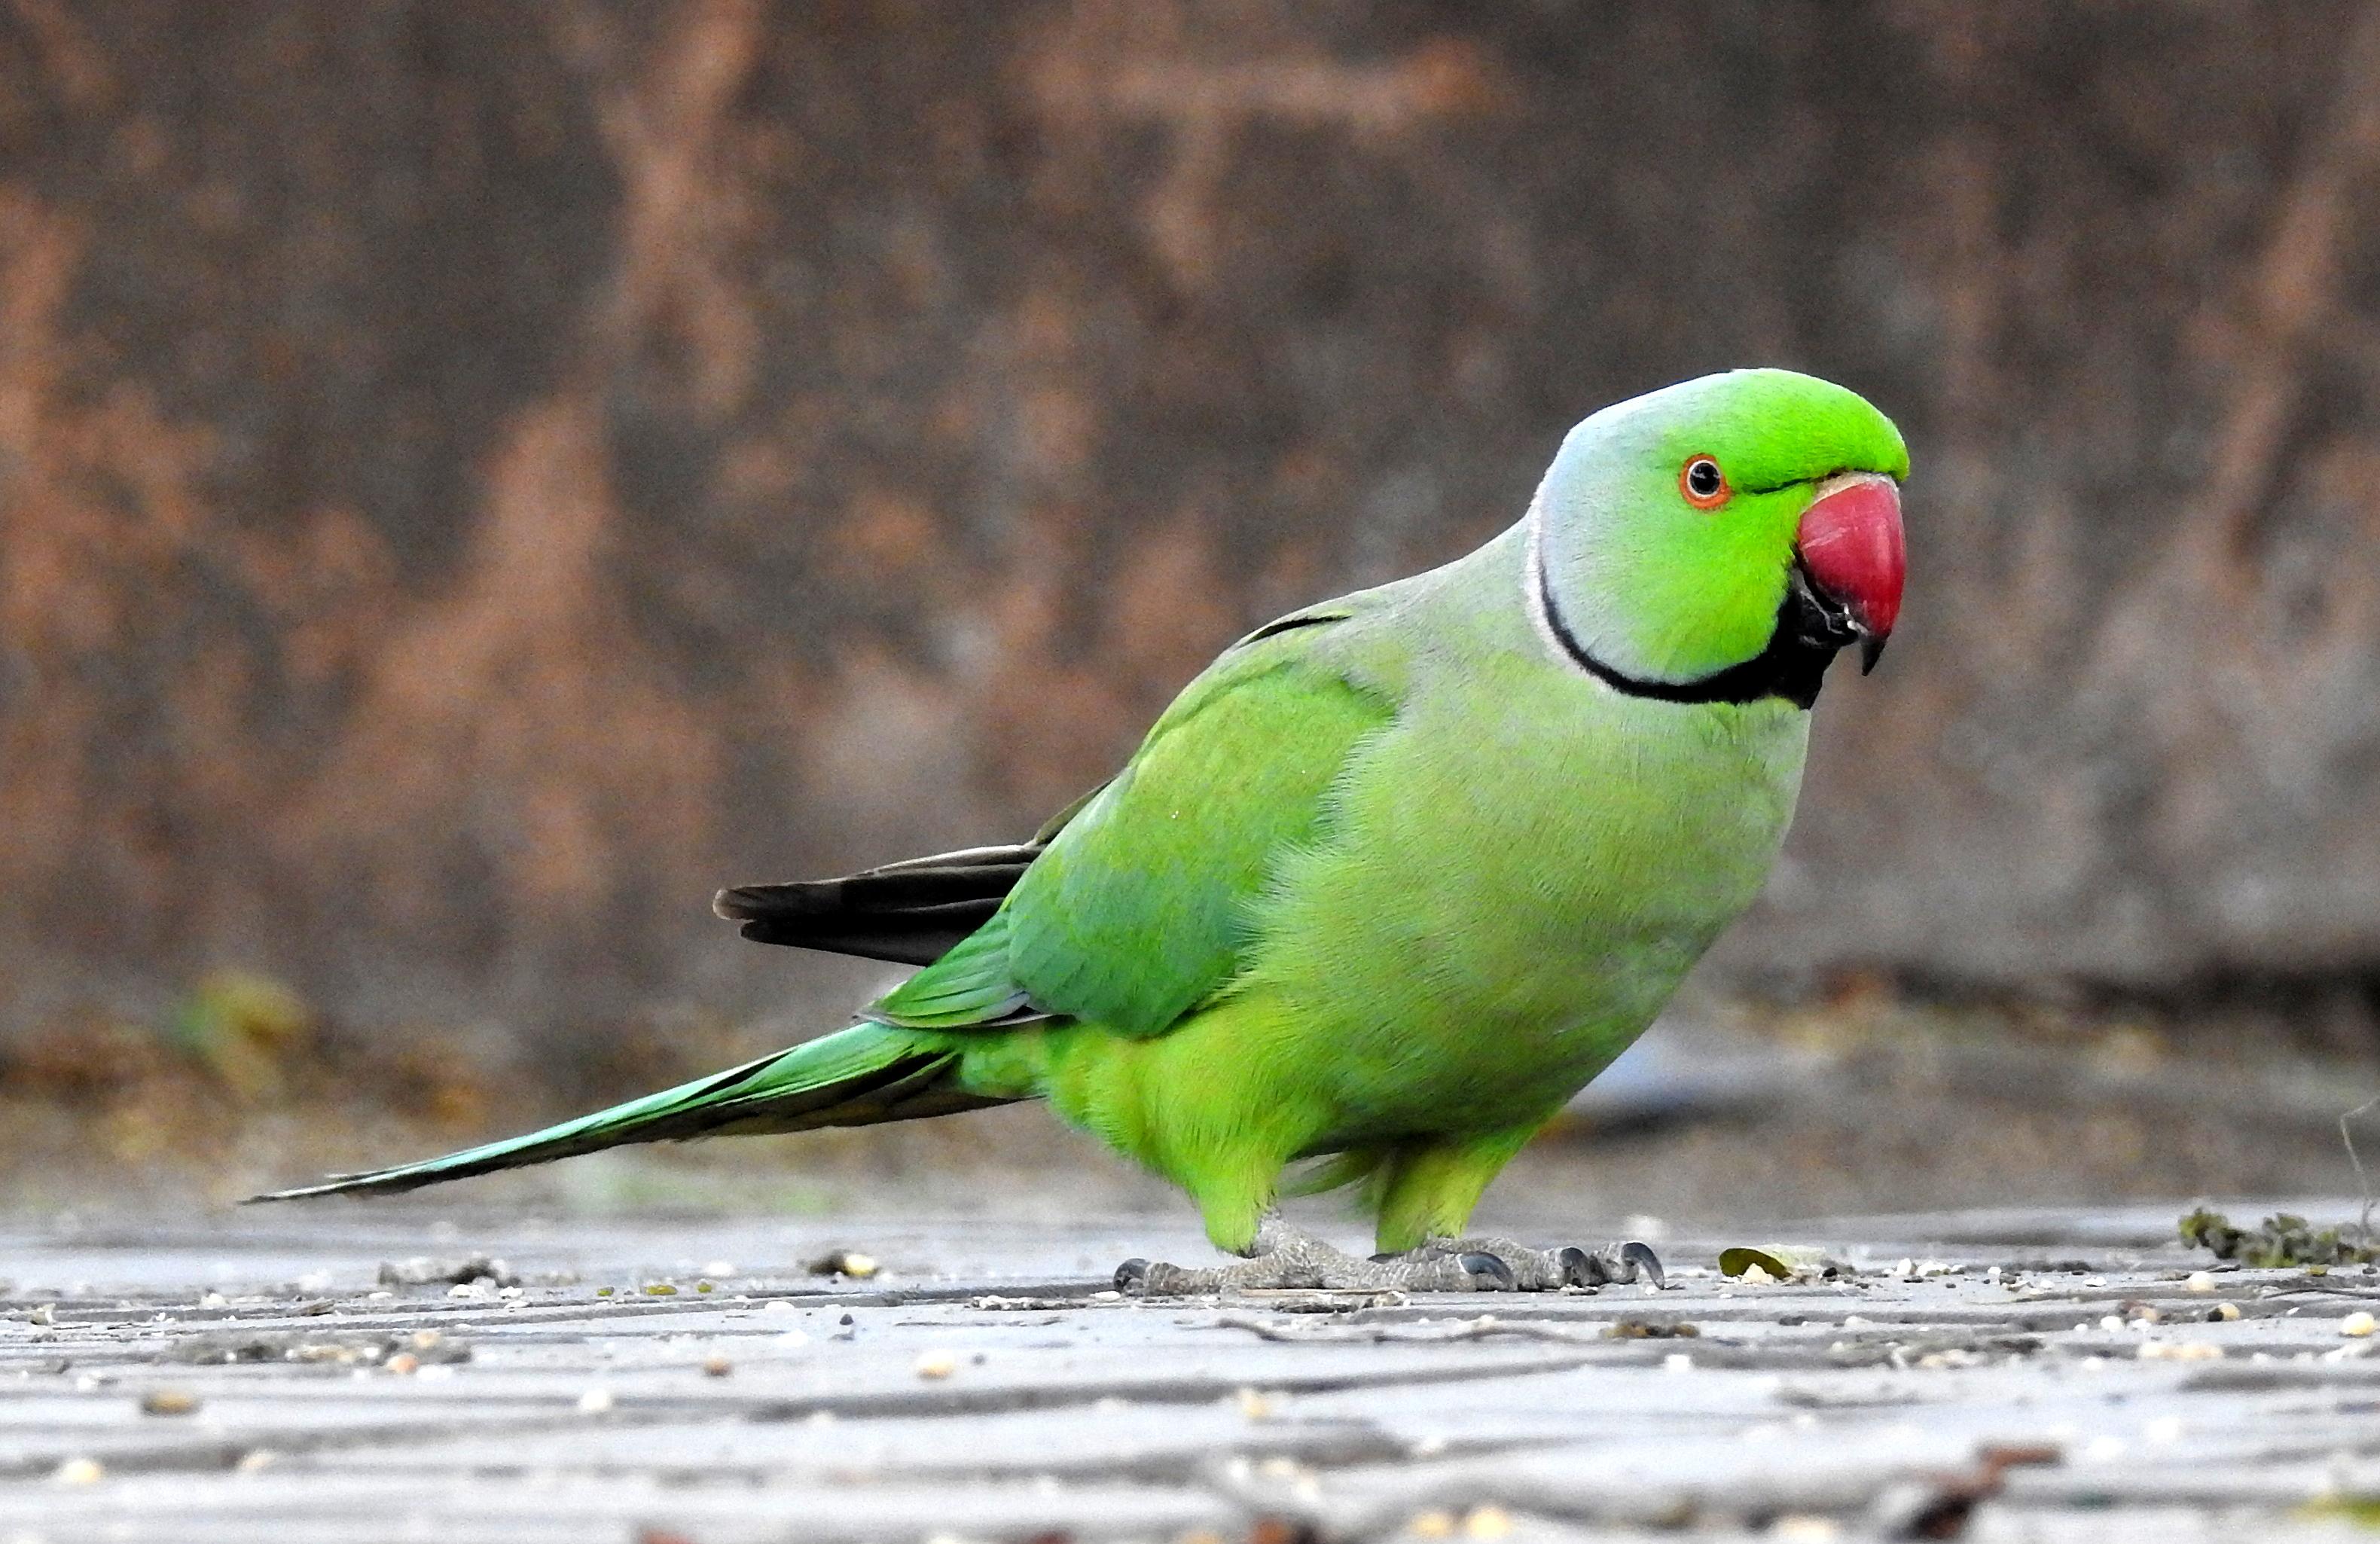 Rose-ringed parakeet - Wikipedia